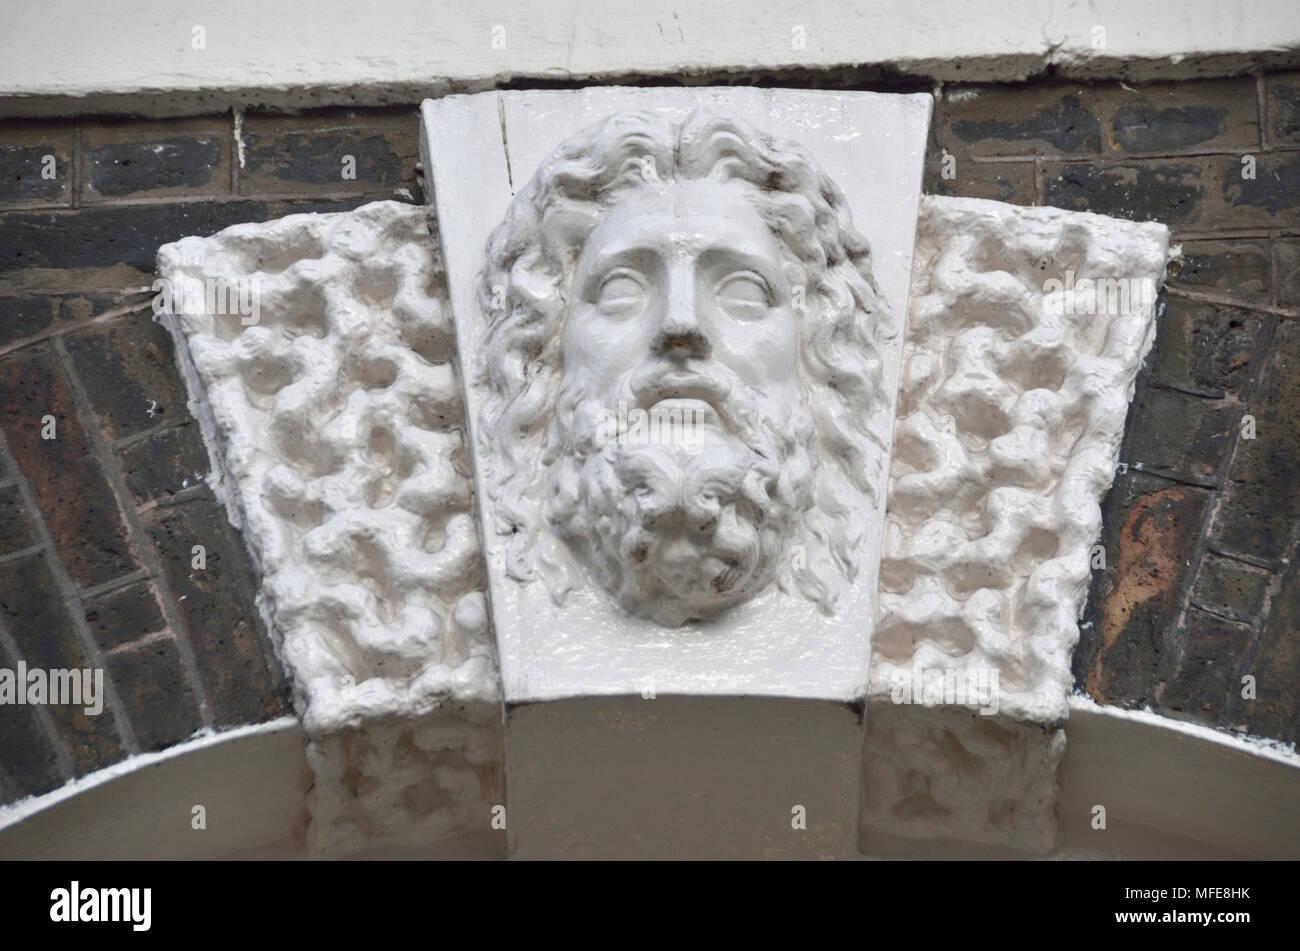 Tallar la piedra ornamental de una cabeza humana por encima de un umbral arch en Bedford Square, Bloomsbury, Londres, Reino Unido. Imagen De Stock